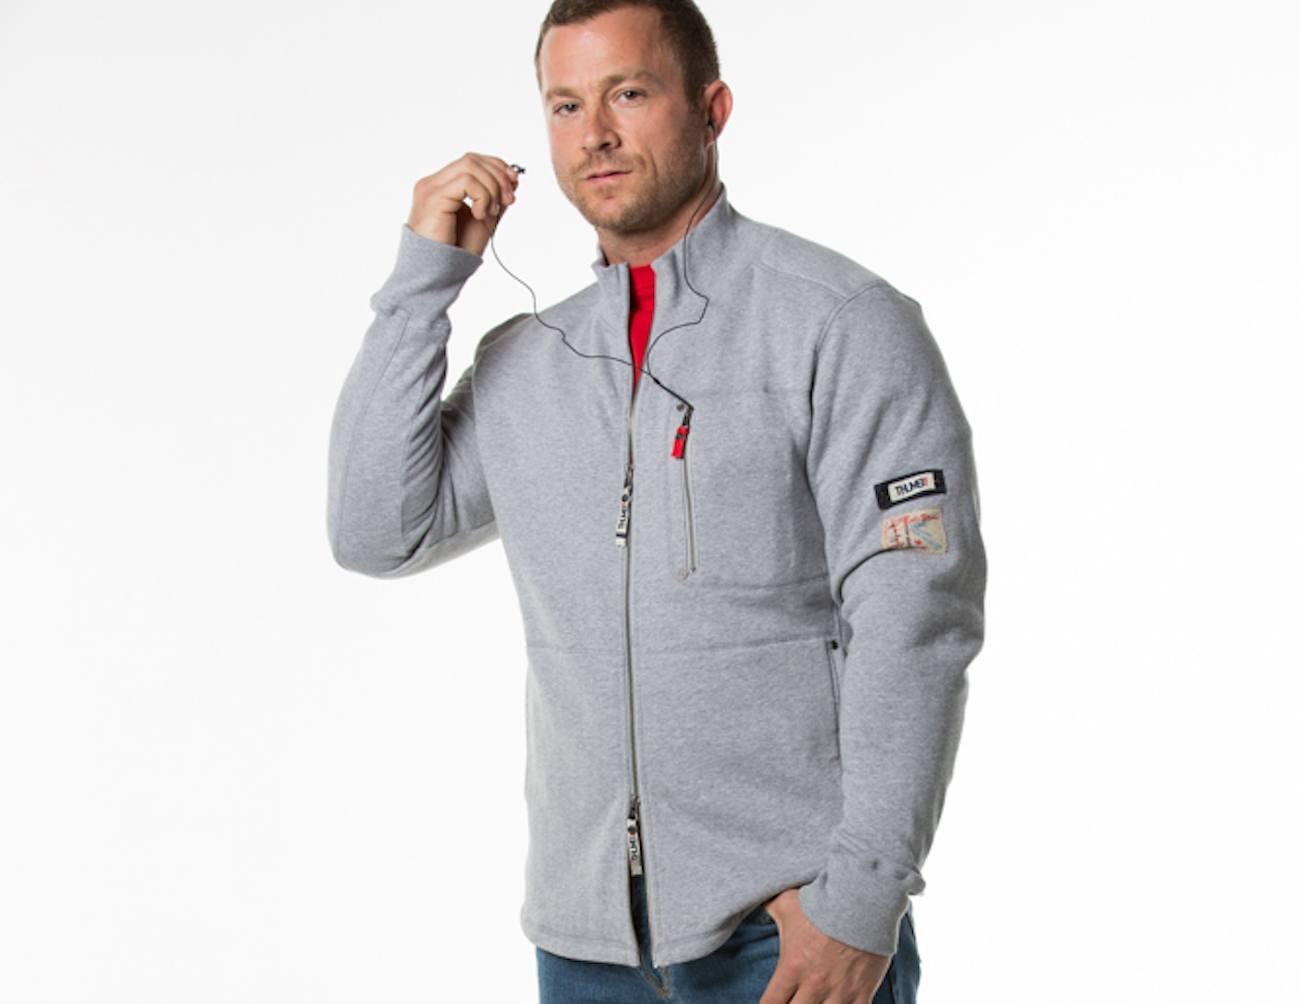 Inside Pocket Innovative Sweatshirt